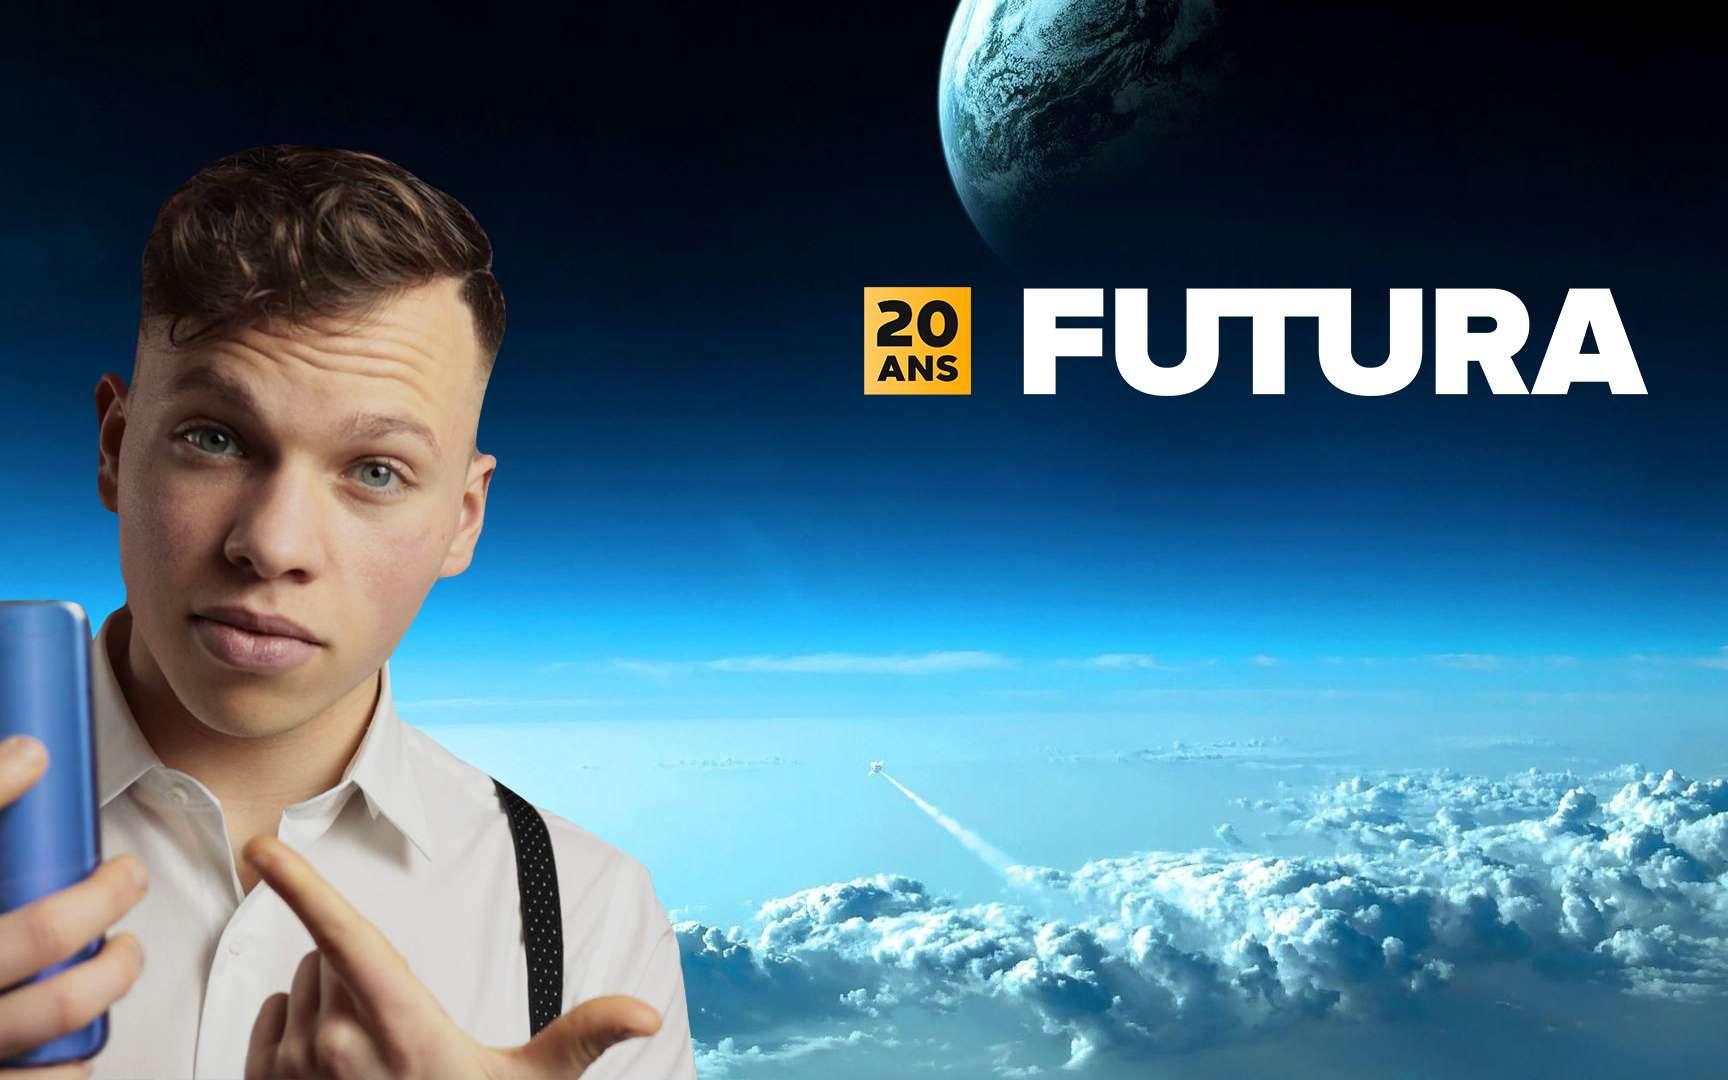 Futura s'apprête à dévoiler une nouvelle surprise à l'occasion de ses 20 ans. © LIGHTFIELD STUDIOS, Adobe Stock